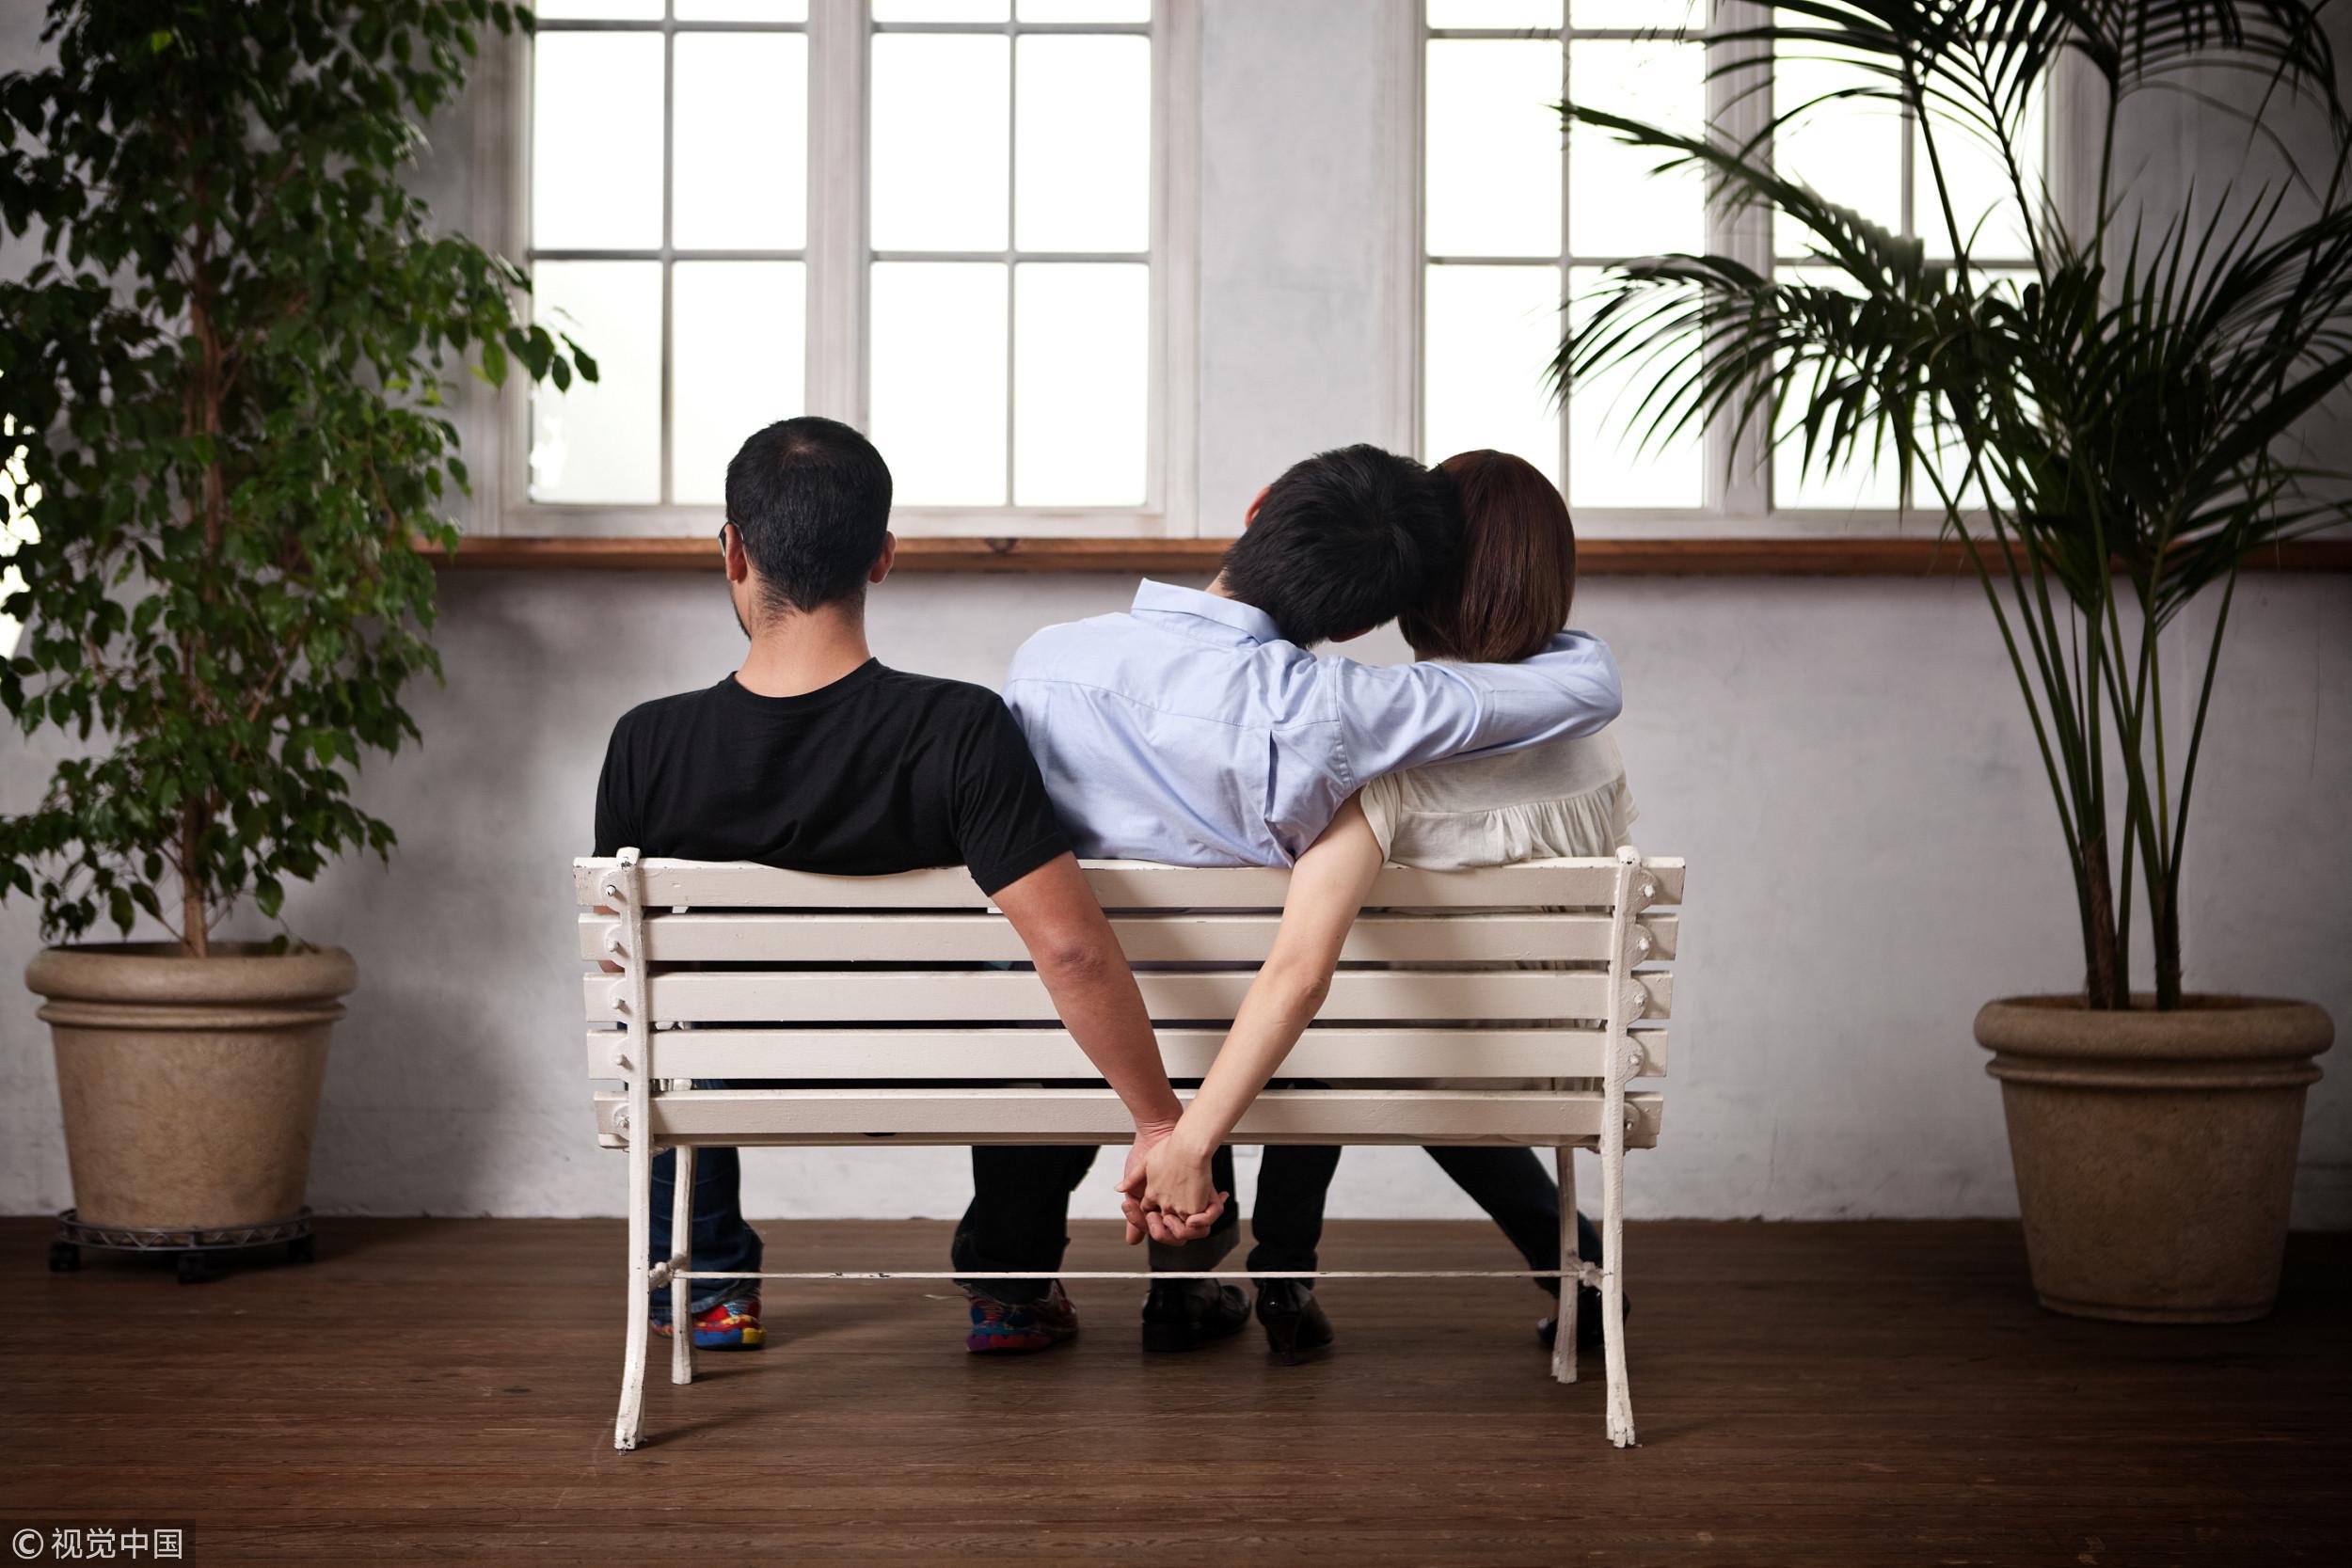 ▲感情出軌,第三者,外遇,通姦。(圖/視覺中國CFP)